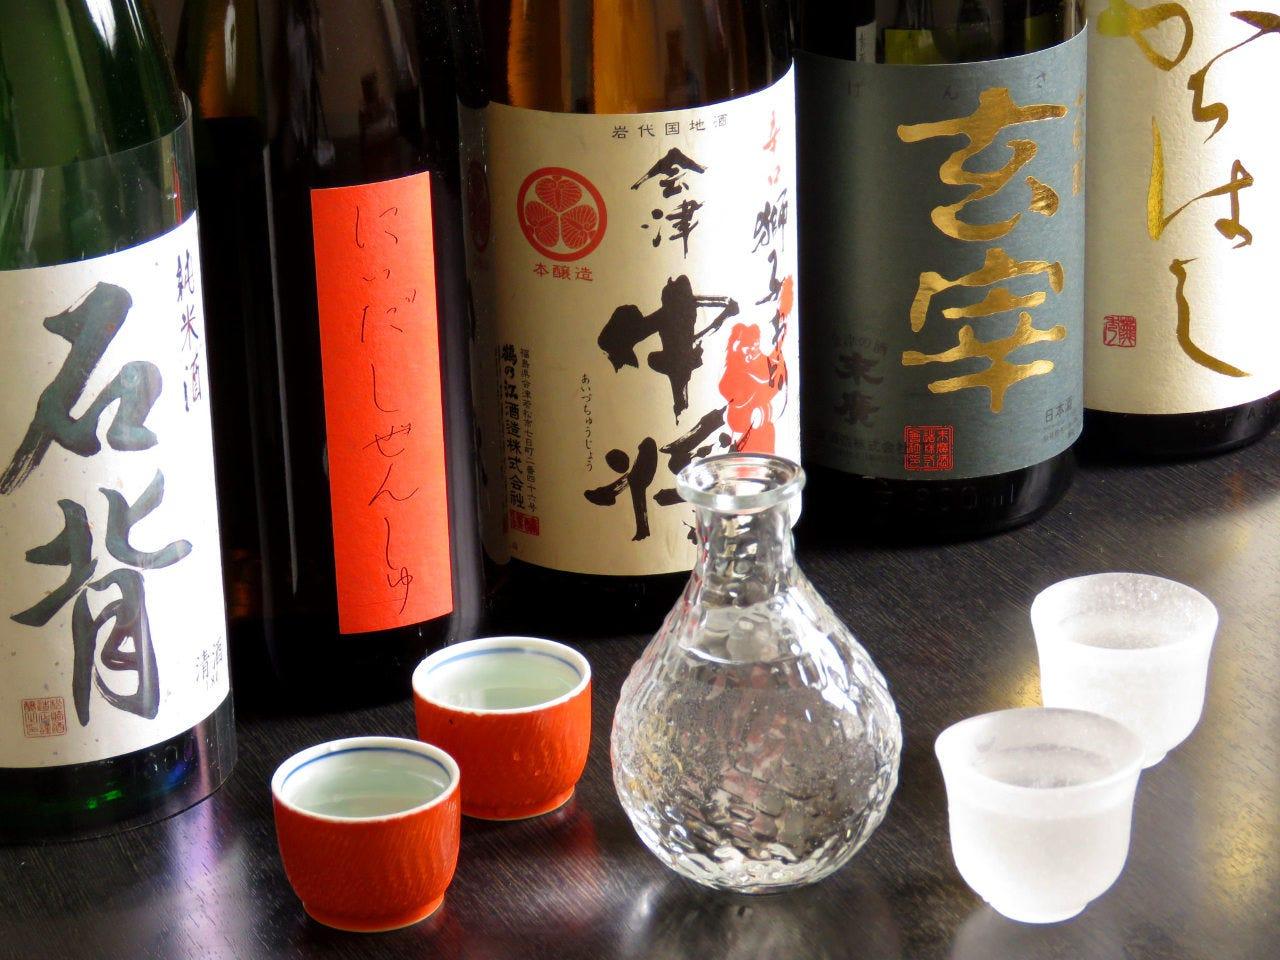 【2時間単品飲み放題】銘柄日本酒も飲み放題!! 2,200円(税込み)